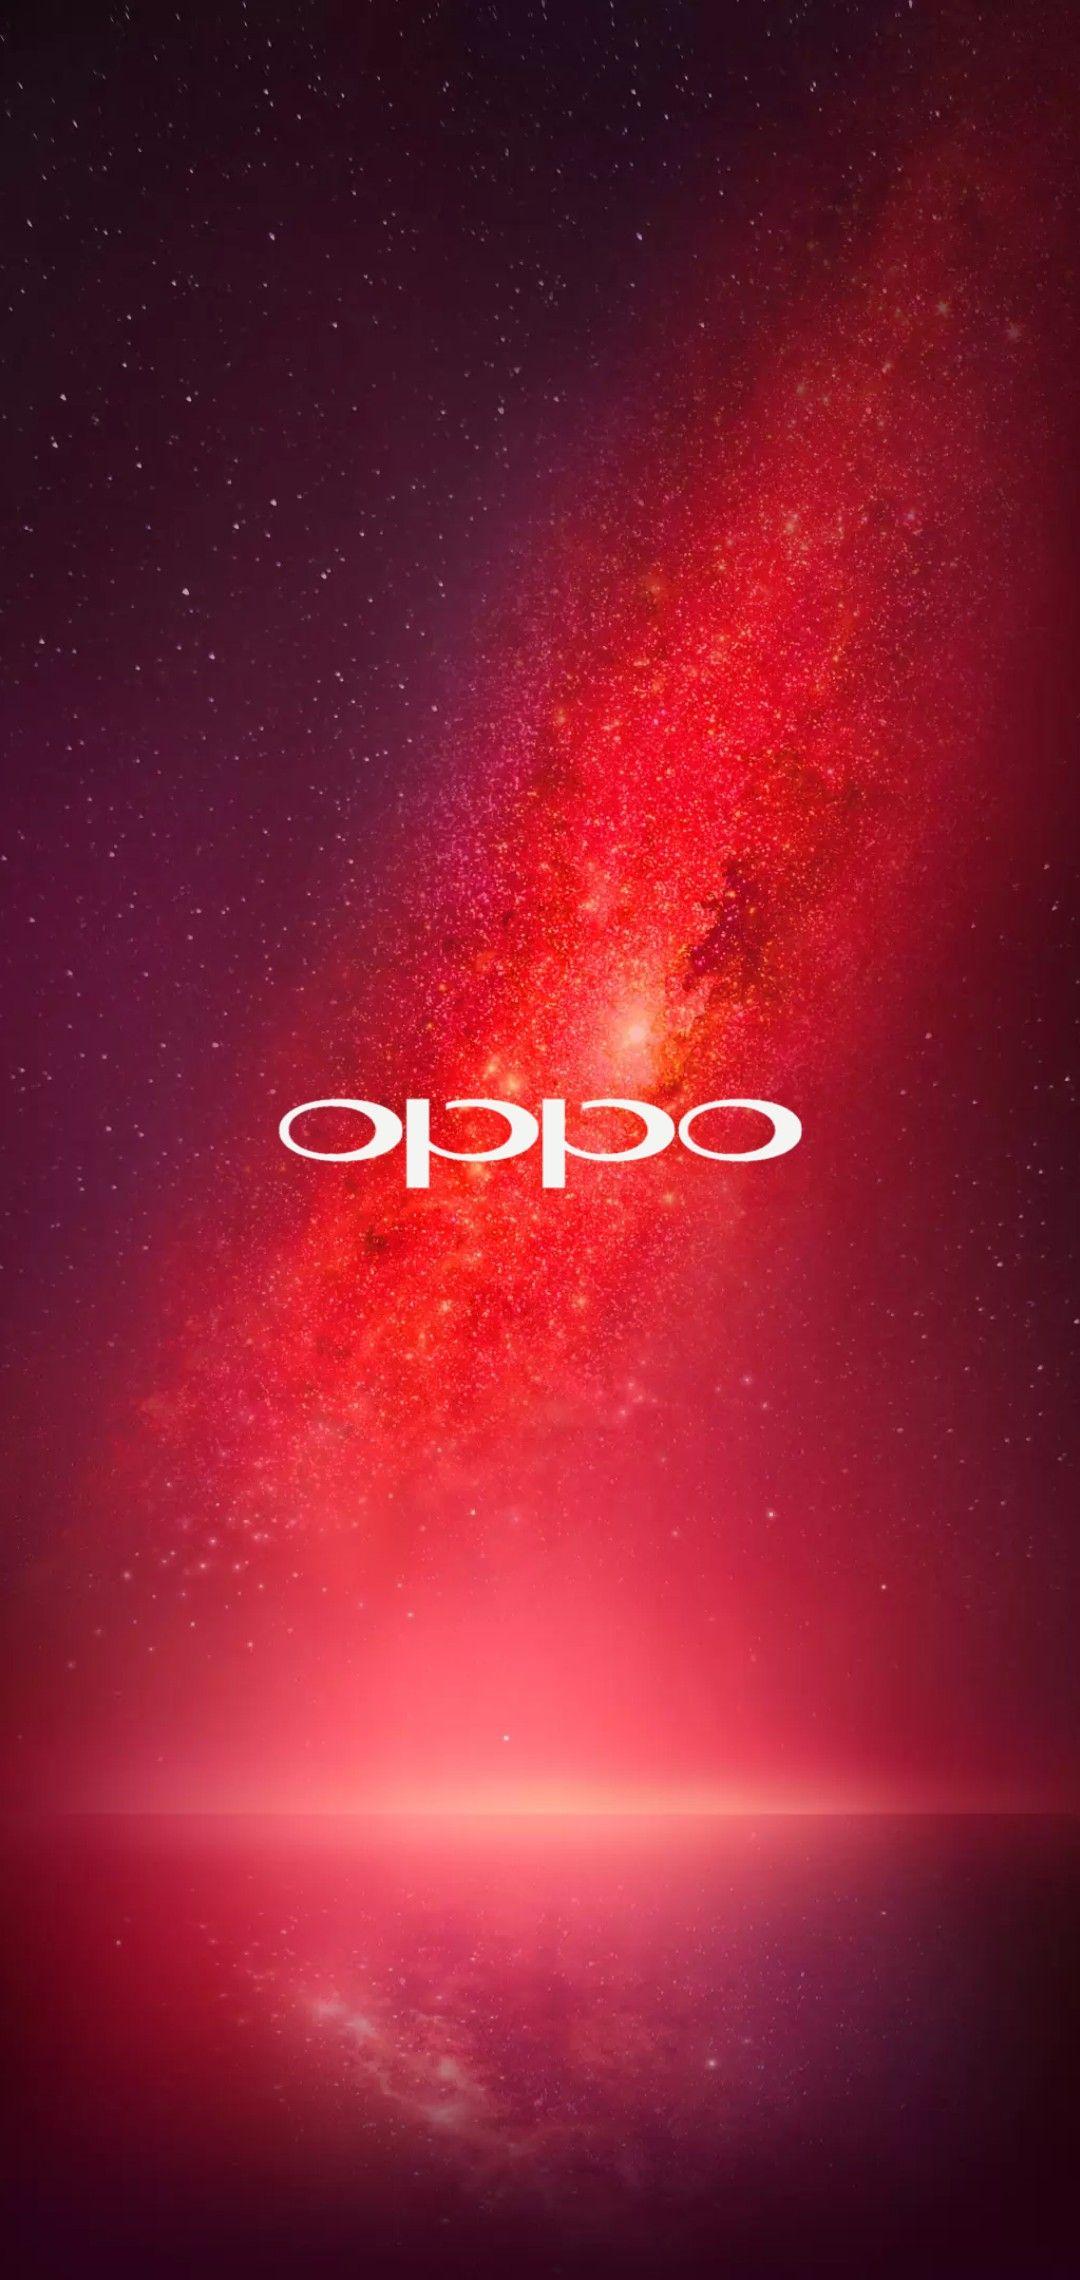 Original Oppo Space Background Wallpaper Ponsel Seni Cahaya Ponsel Full hd new wallpaper oppo